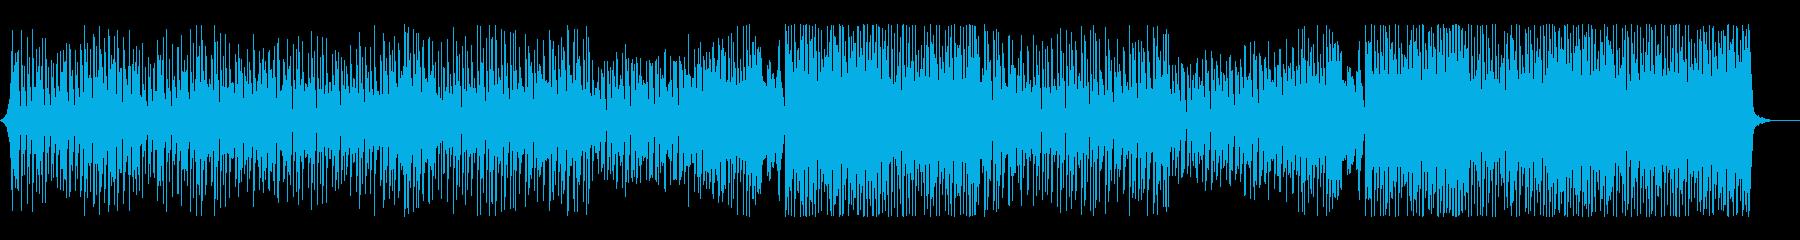 爽やかで軽快なトロピカルハウスの再生済みの波形